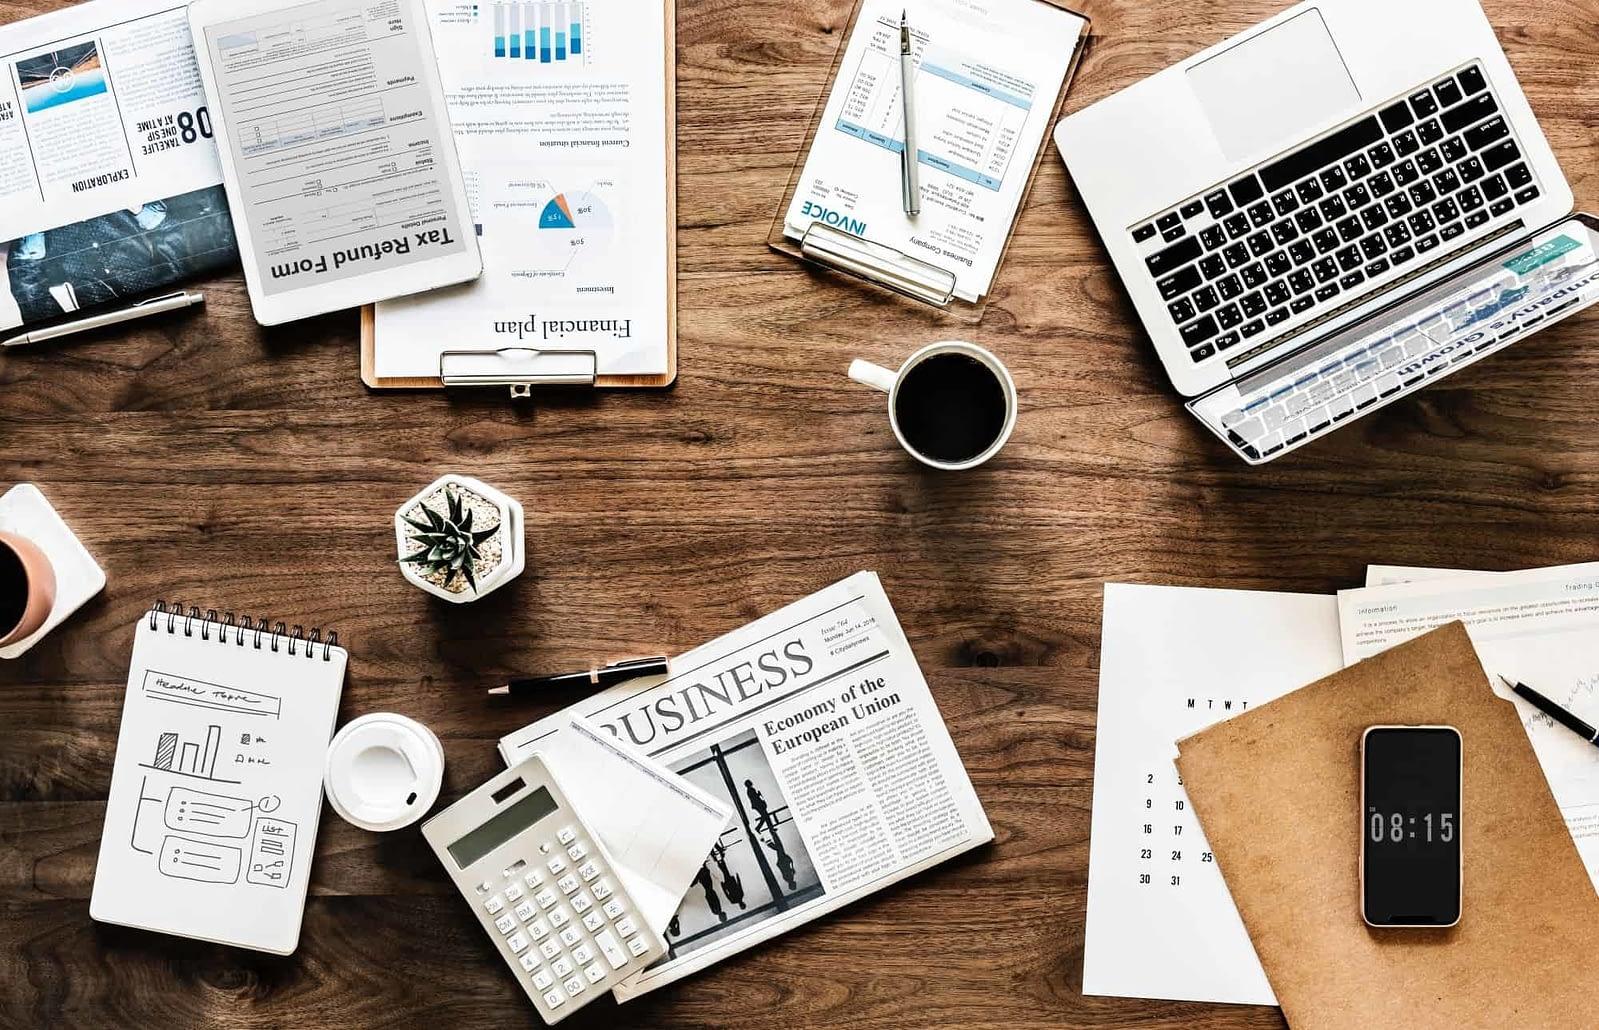 HubSpot, sales, inbound marketing, Toud